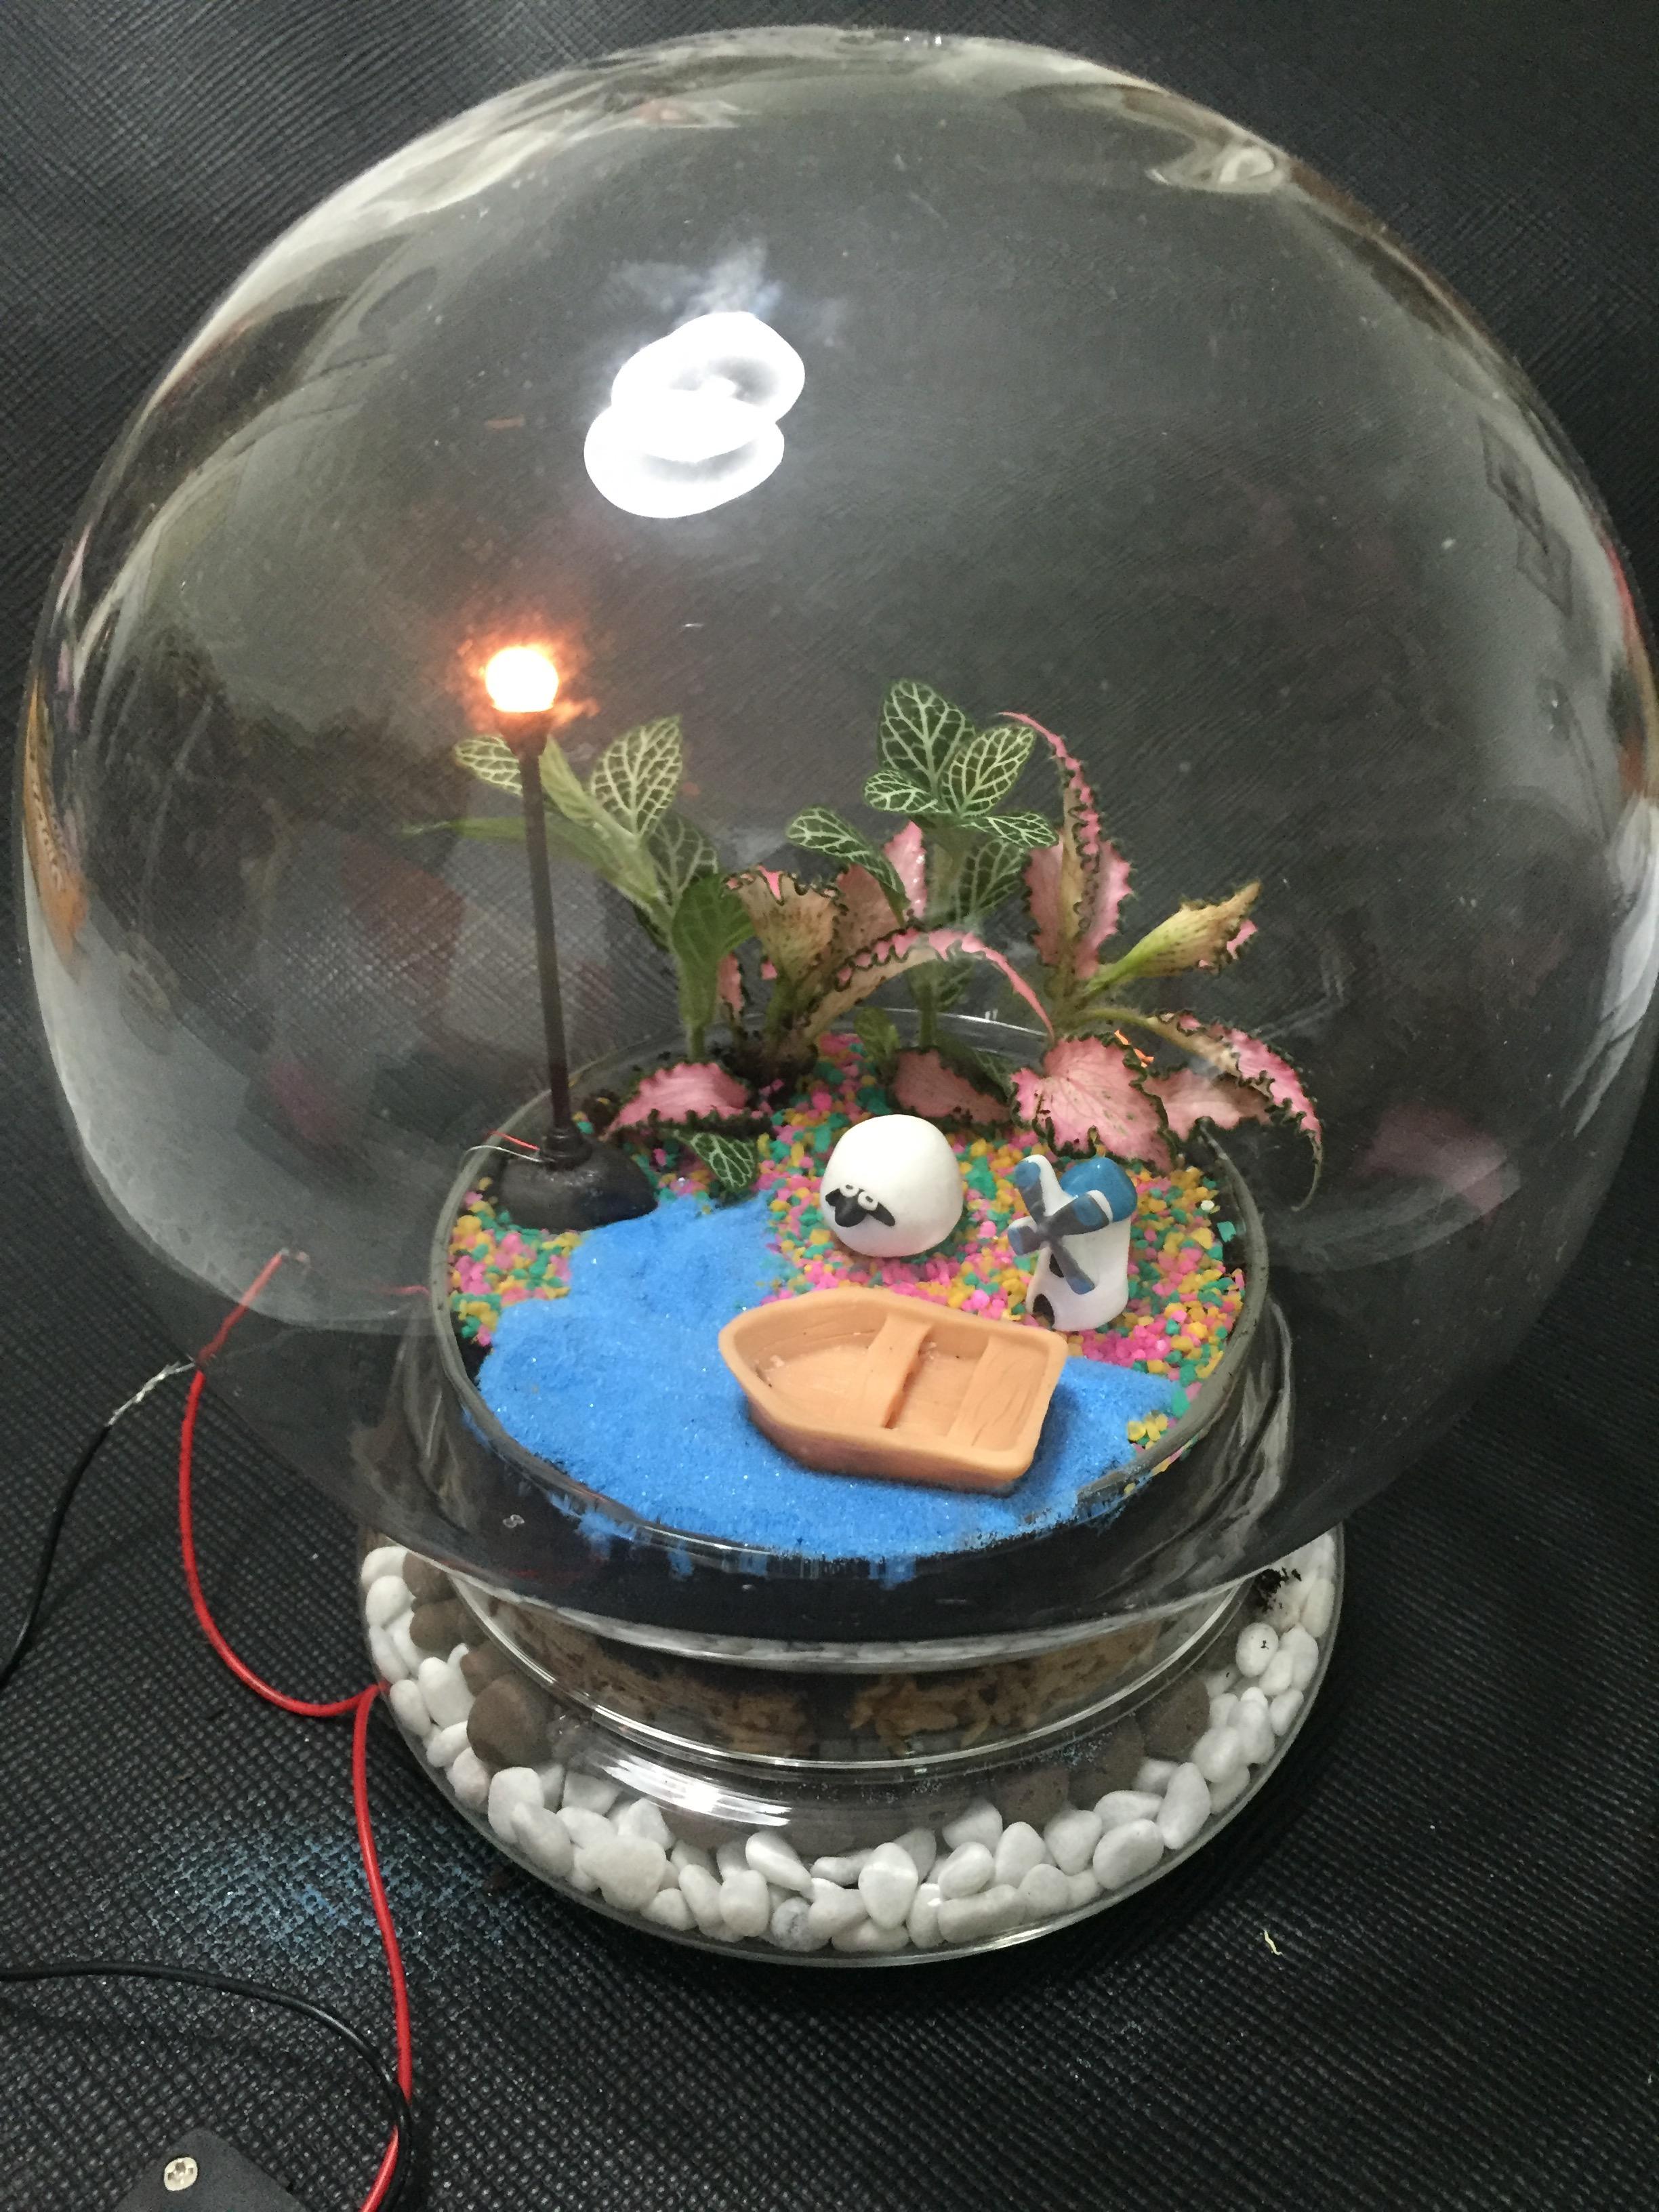 Candy Bulb Terrarium